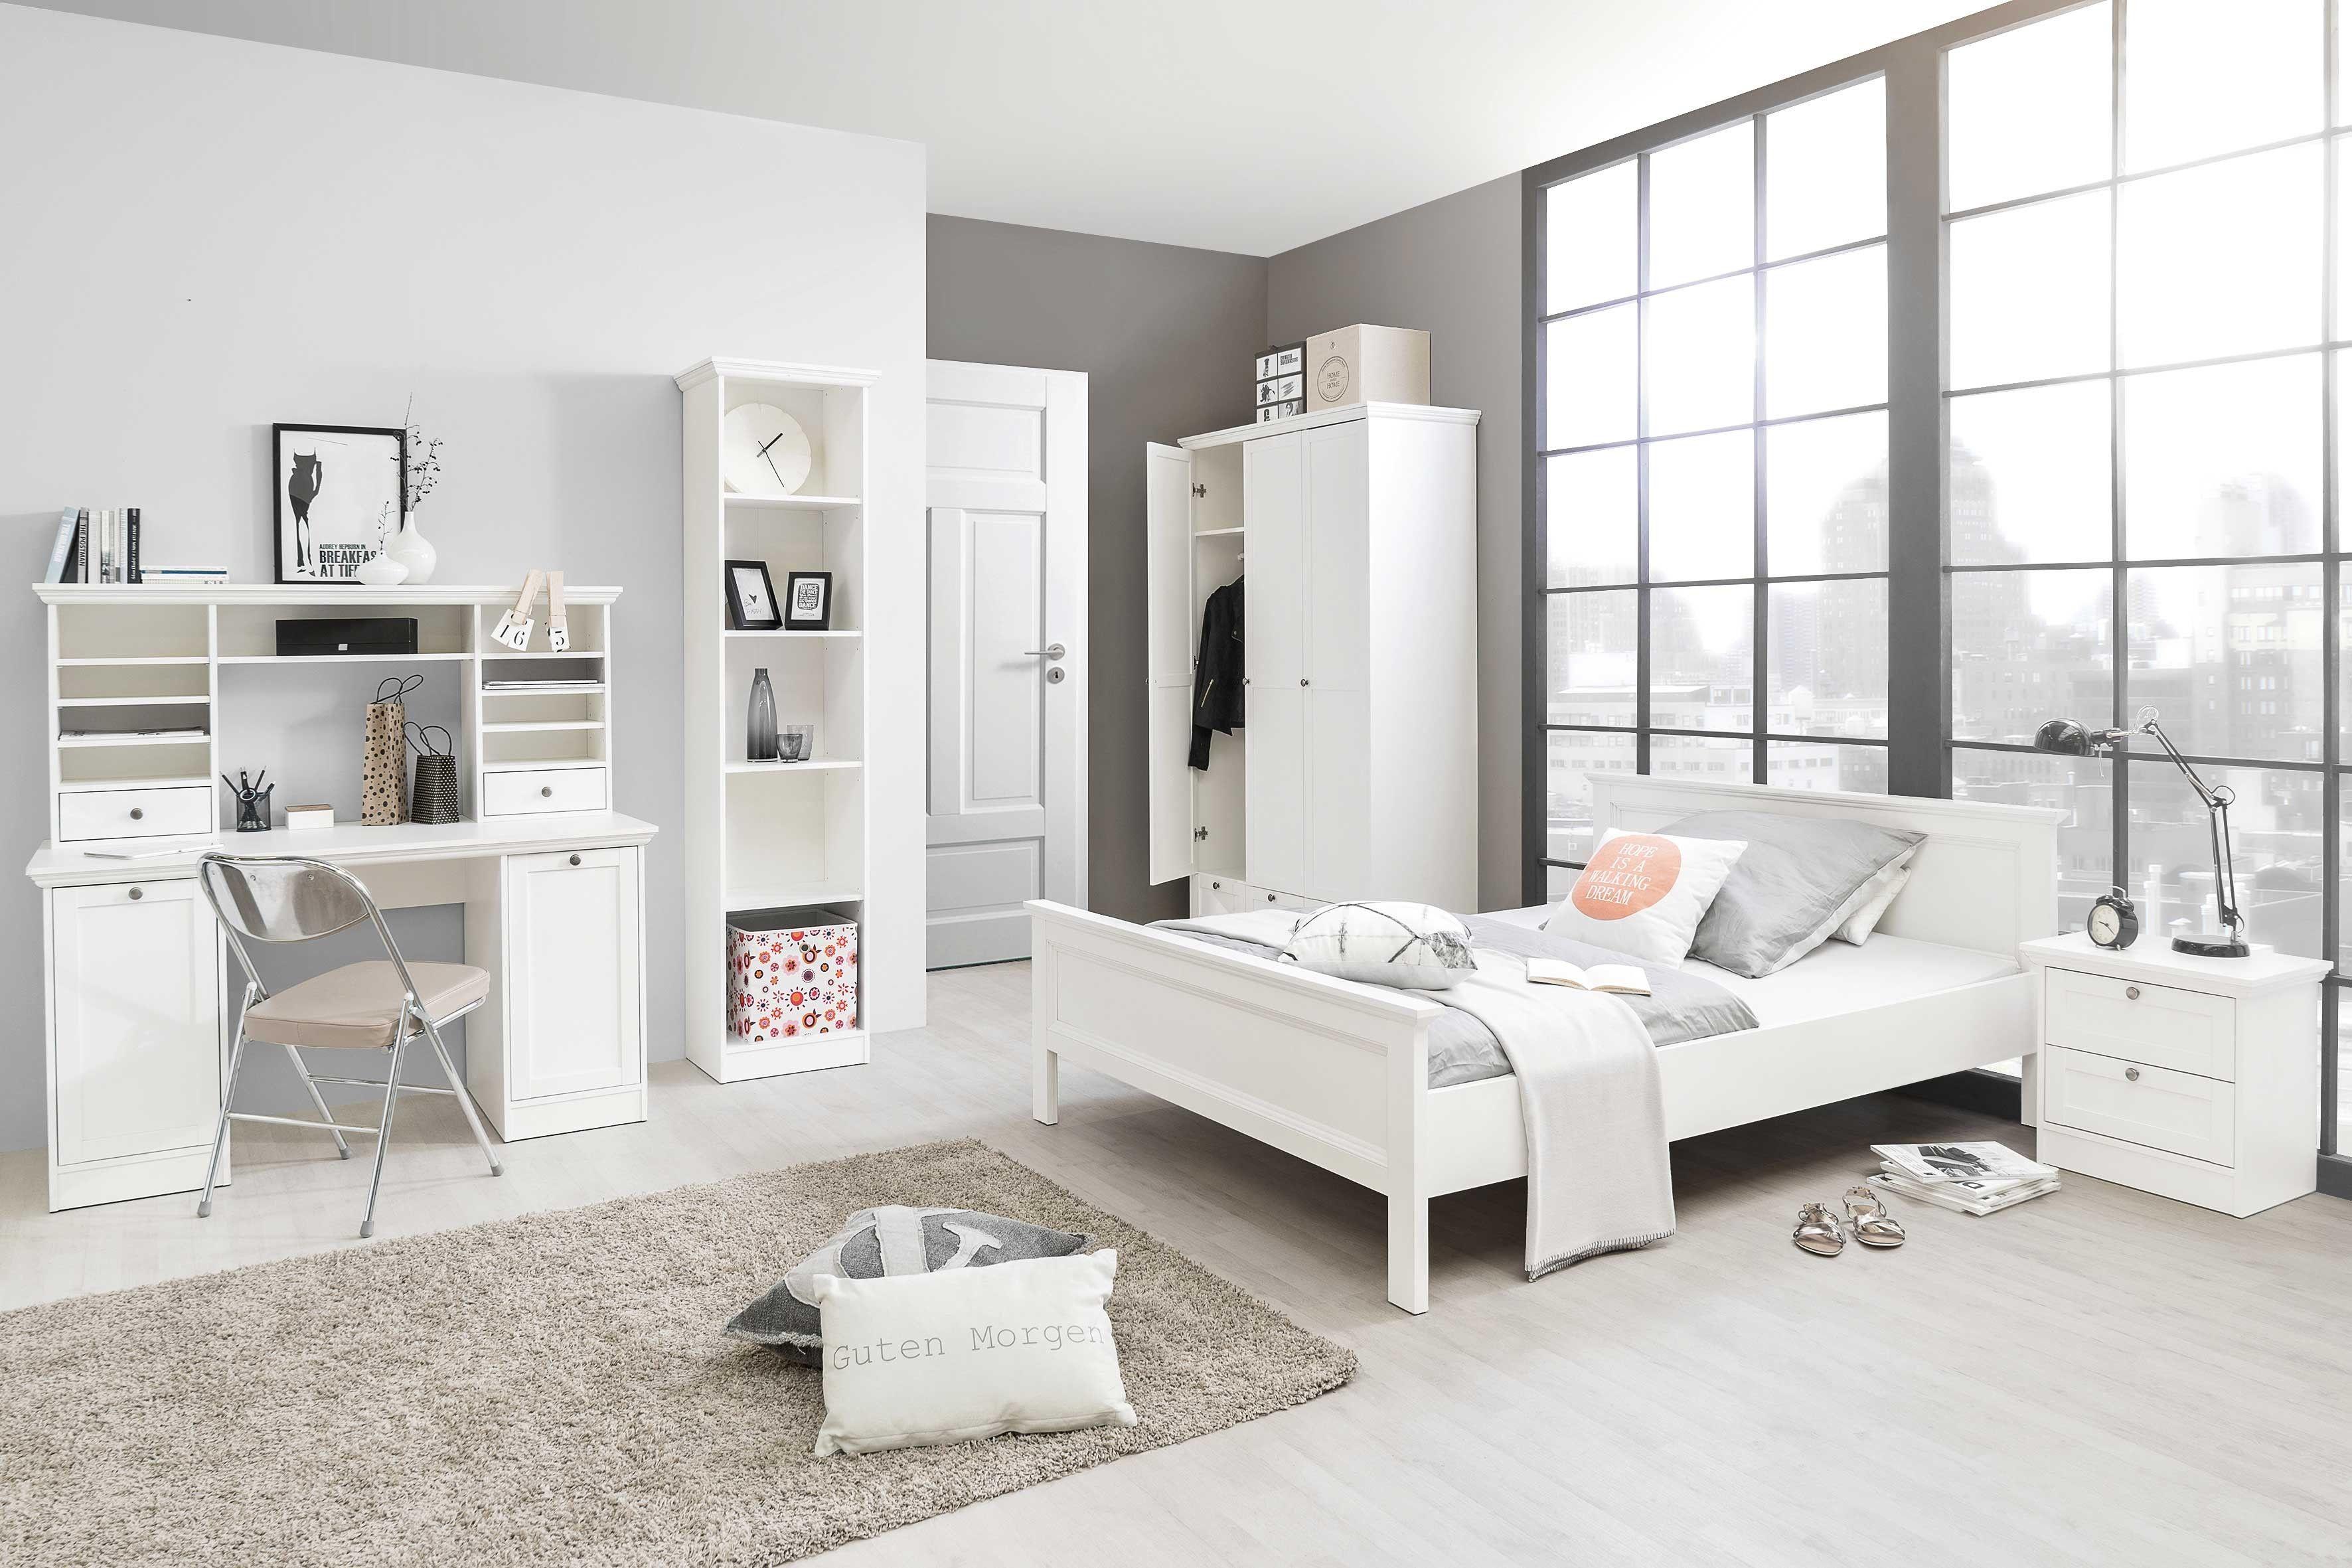 Composez Votre Chambre Landwood A Souhait Sur Emob Meubles Fr Chambre Enfant Contemporaine Chambre Enfant Chambres Adolescente